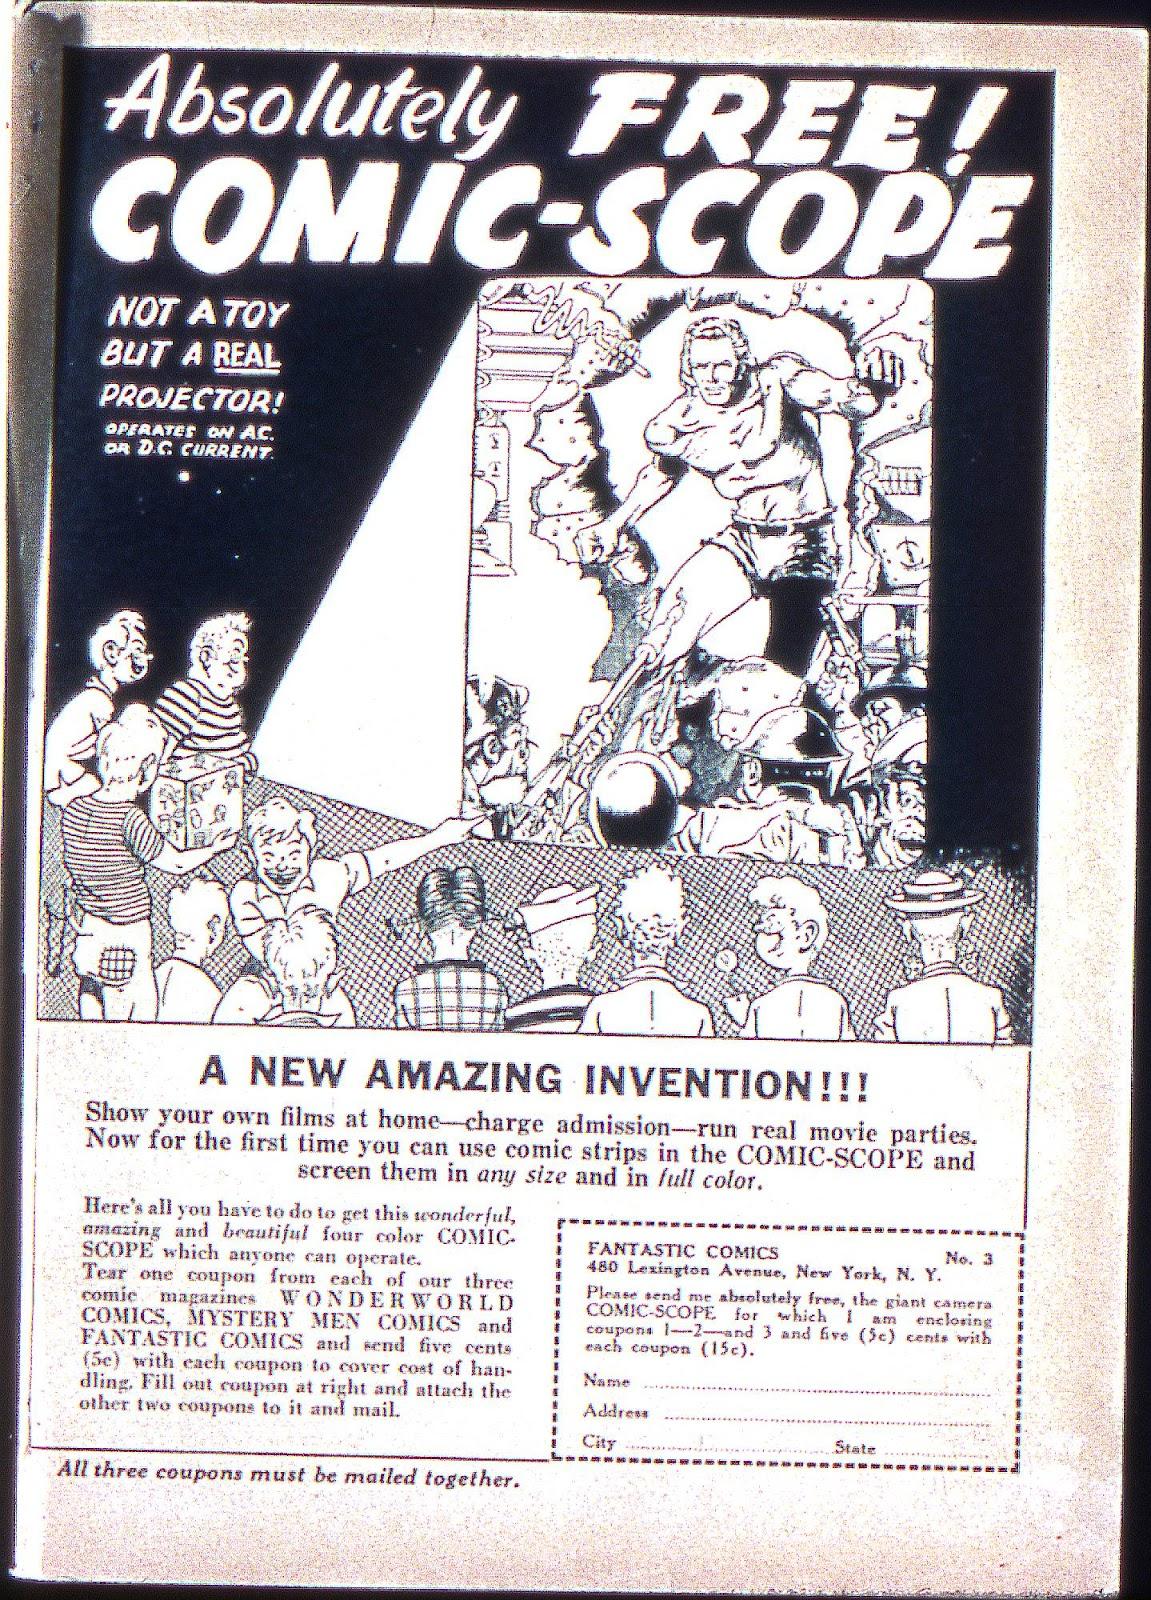 Read online Fantastic Comics comic -  Issue #3 - 67